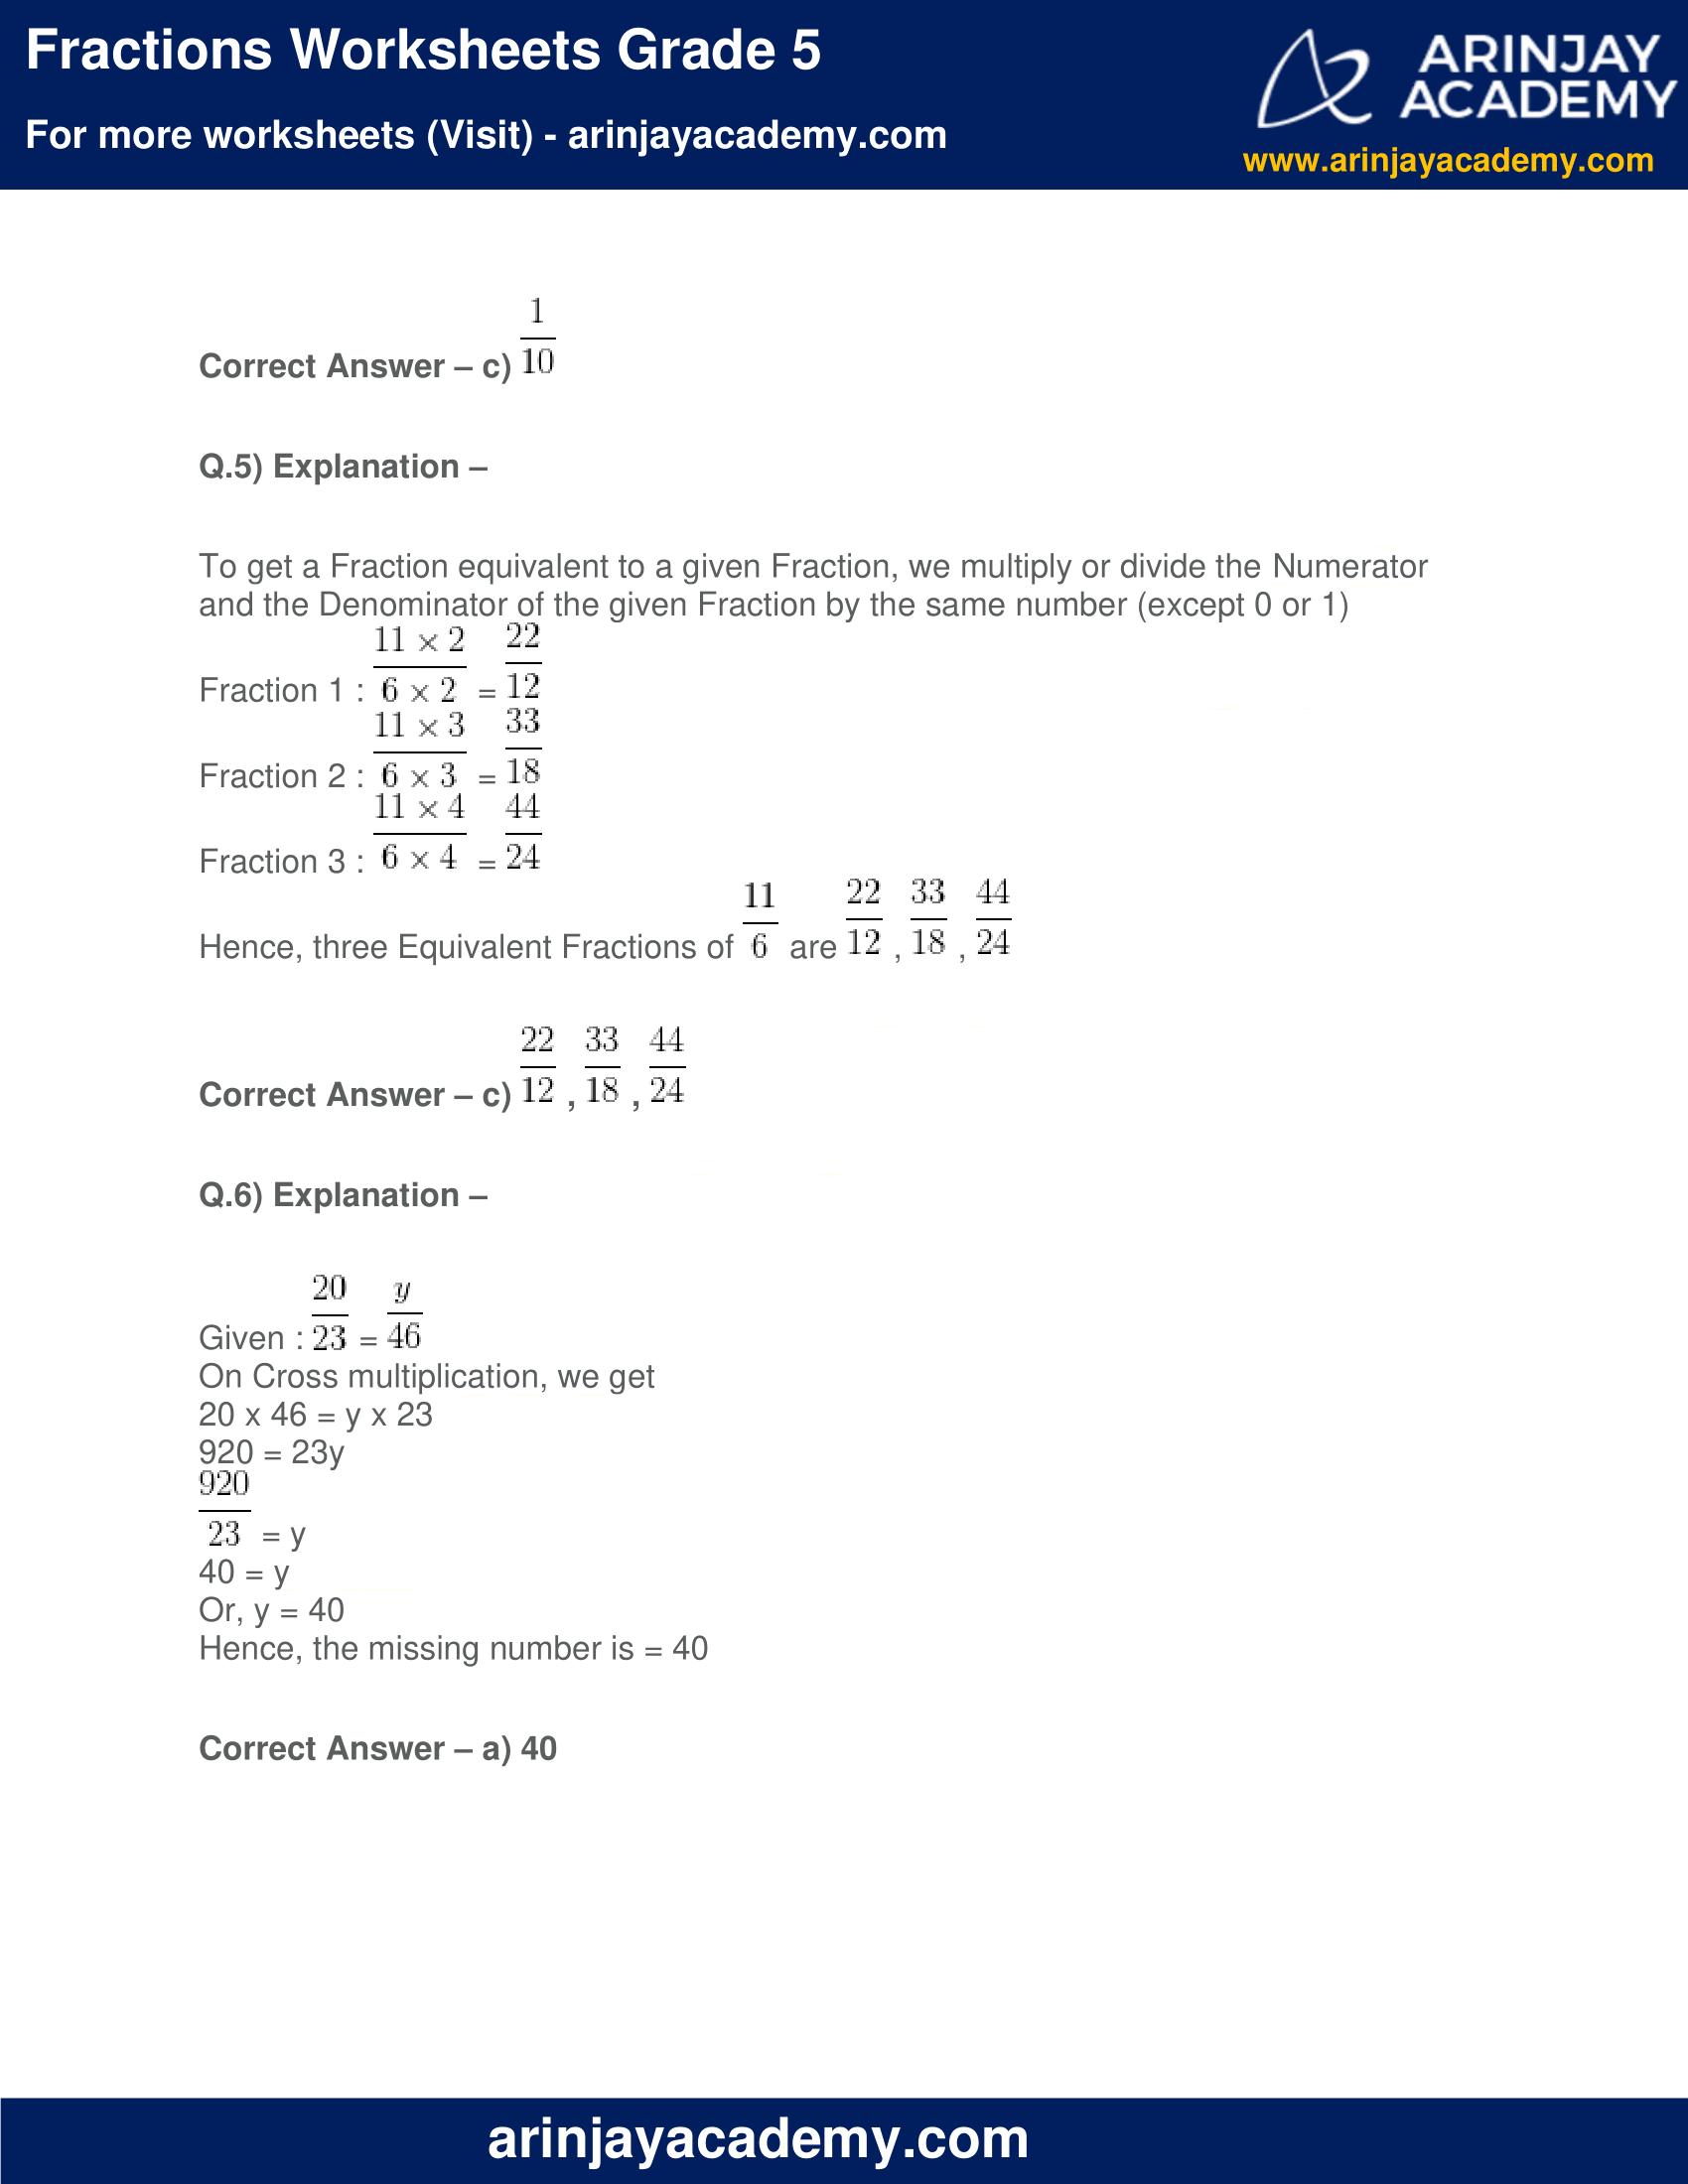 Fractions Worksheets Grade 5 image 6